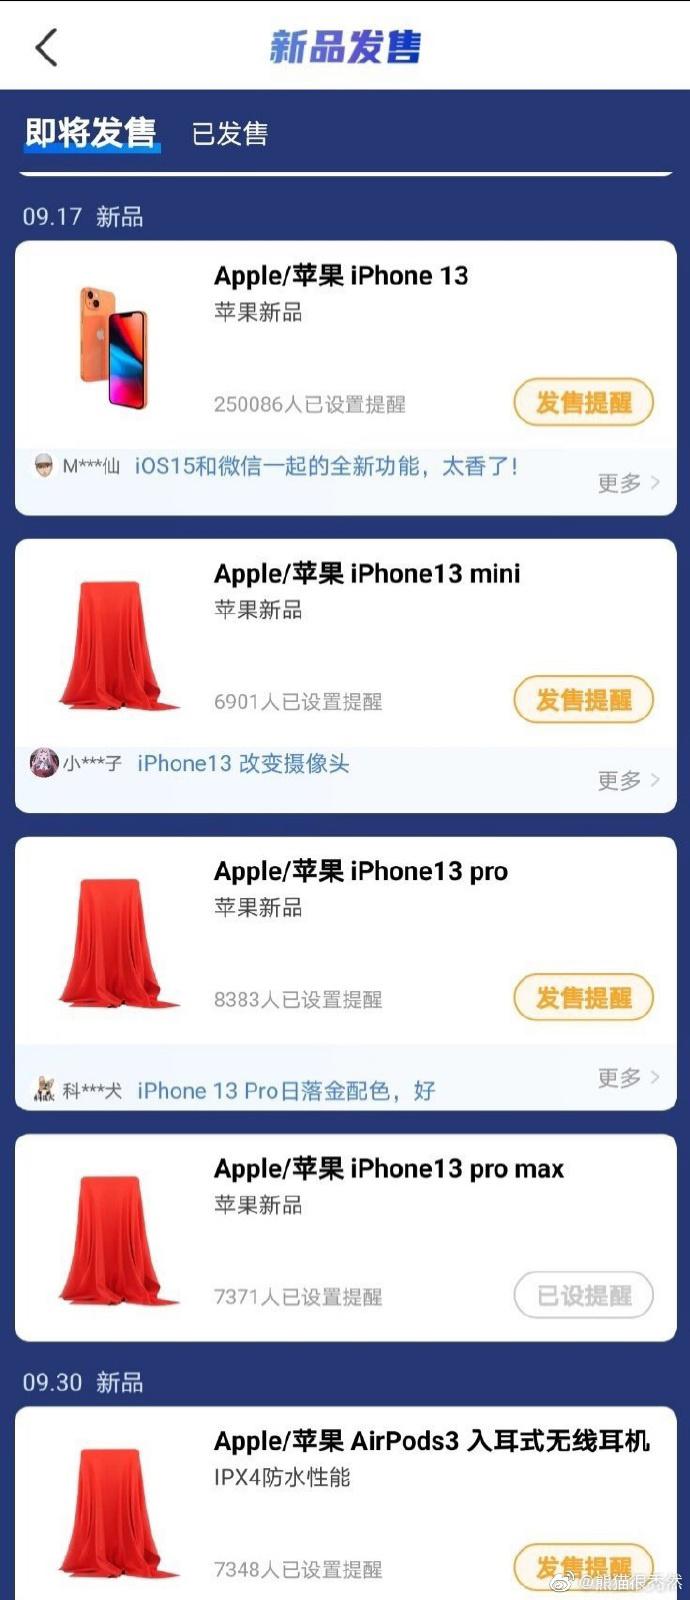 iPhone 13 AirPods 3 Possible Date Publication Les iPhone 13 seraient lancés le 17 septembre et les AirPods 3 le 30 septembre